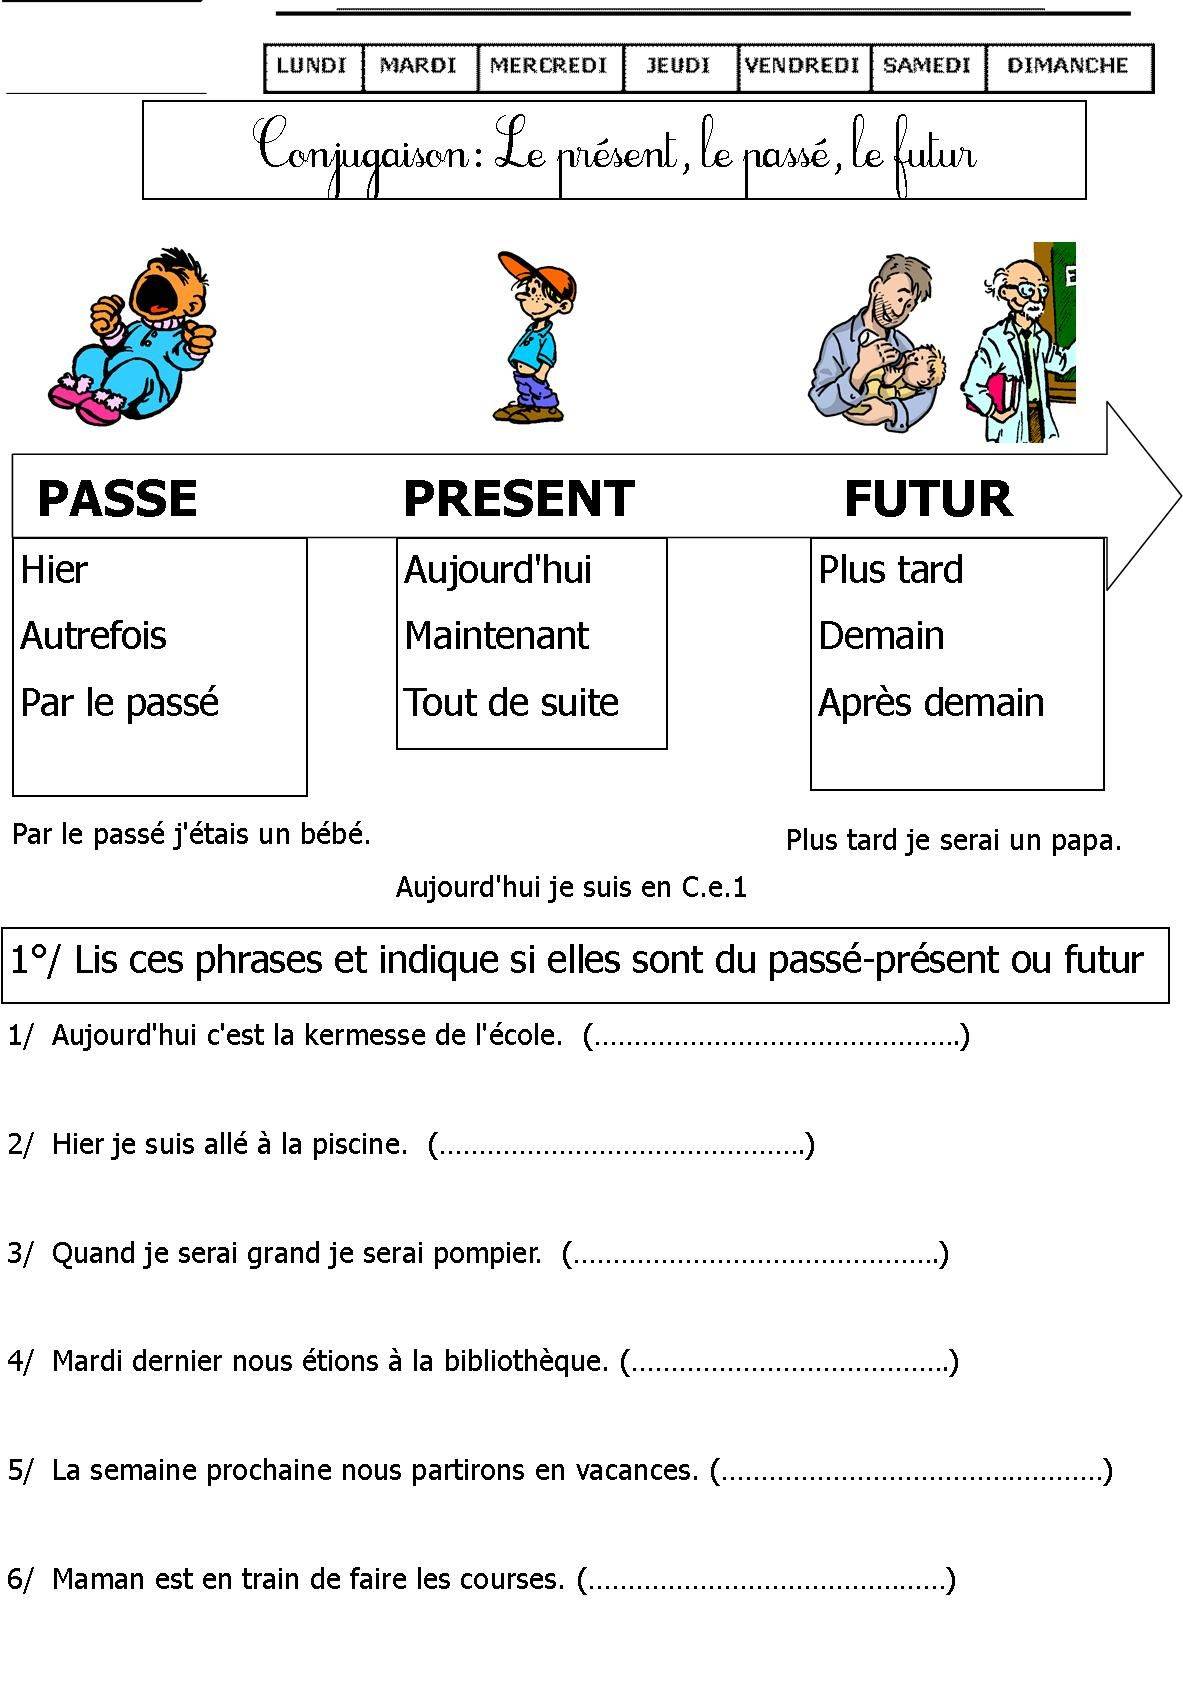 Fiches De Conjugaison À Imprimer (Avec Images) | Ce1, Passé destiné Travaille De Ce1 A Imprimer Gratuit